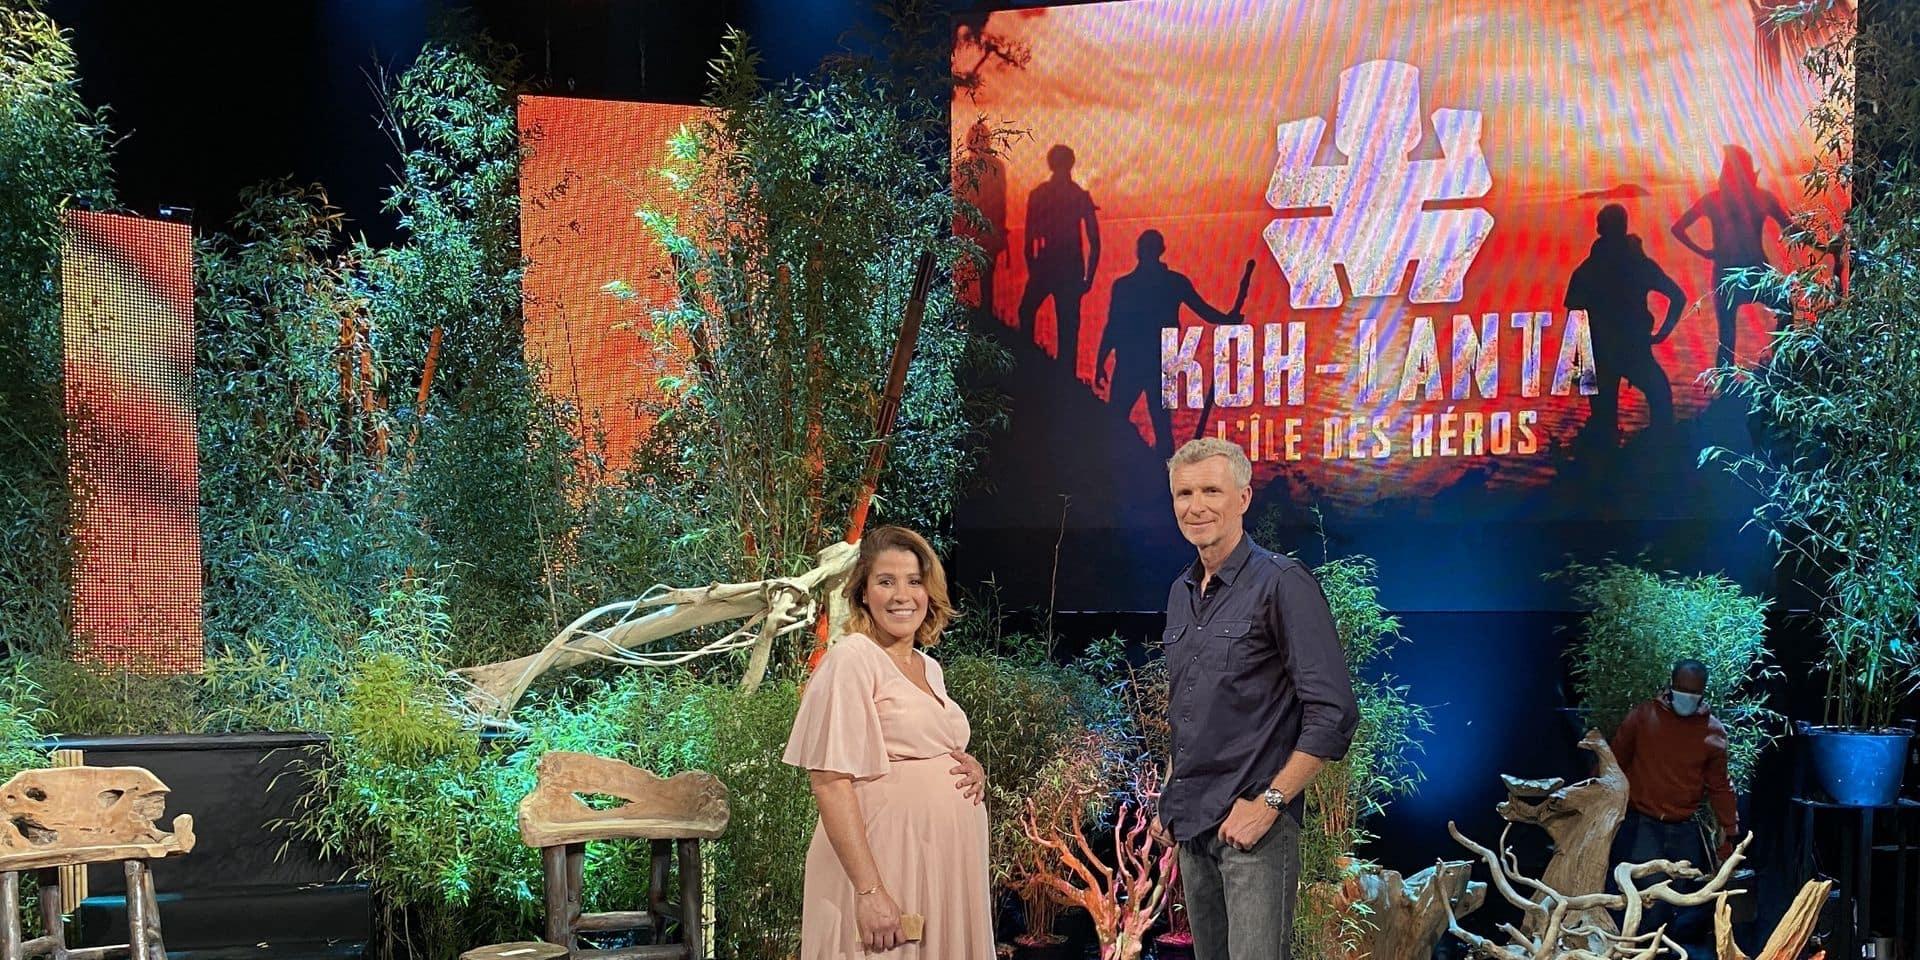 Salaires, primes, taxes, 100.000 euros: voici ce que gagnent les aventuriers de Koh-Lanta